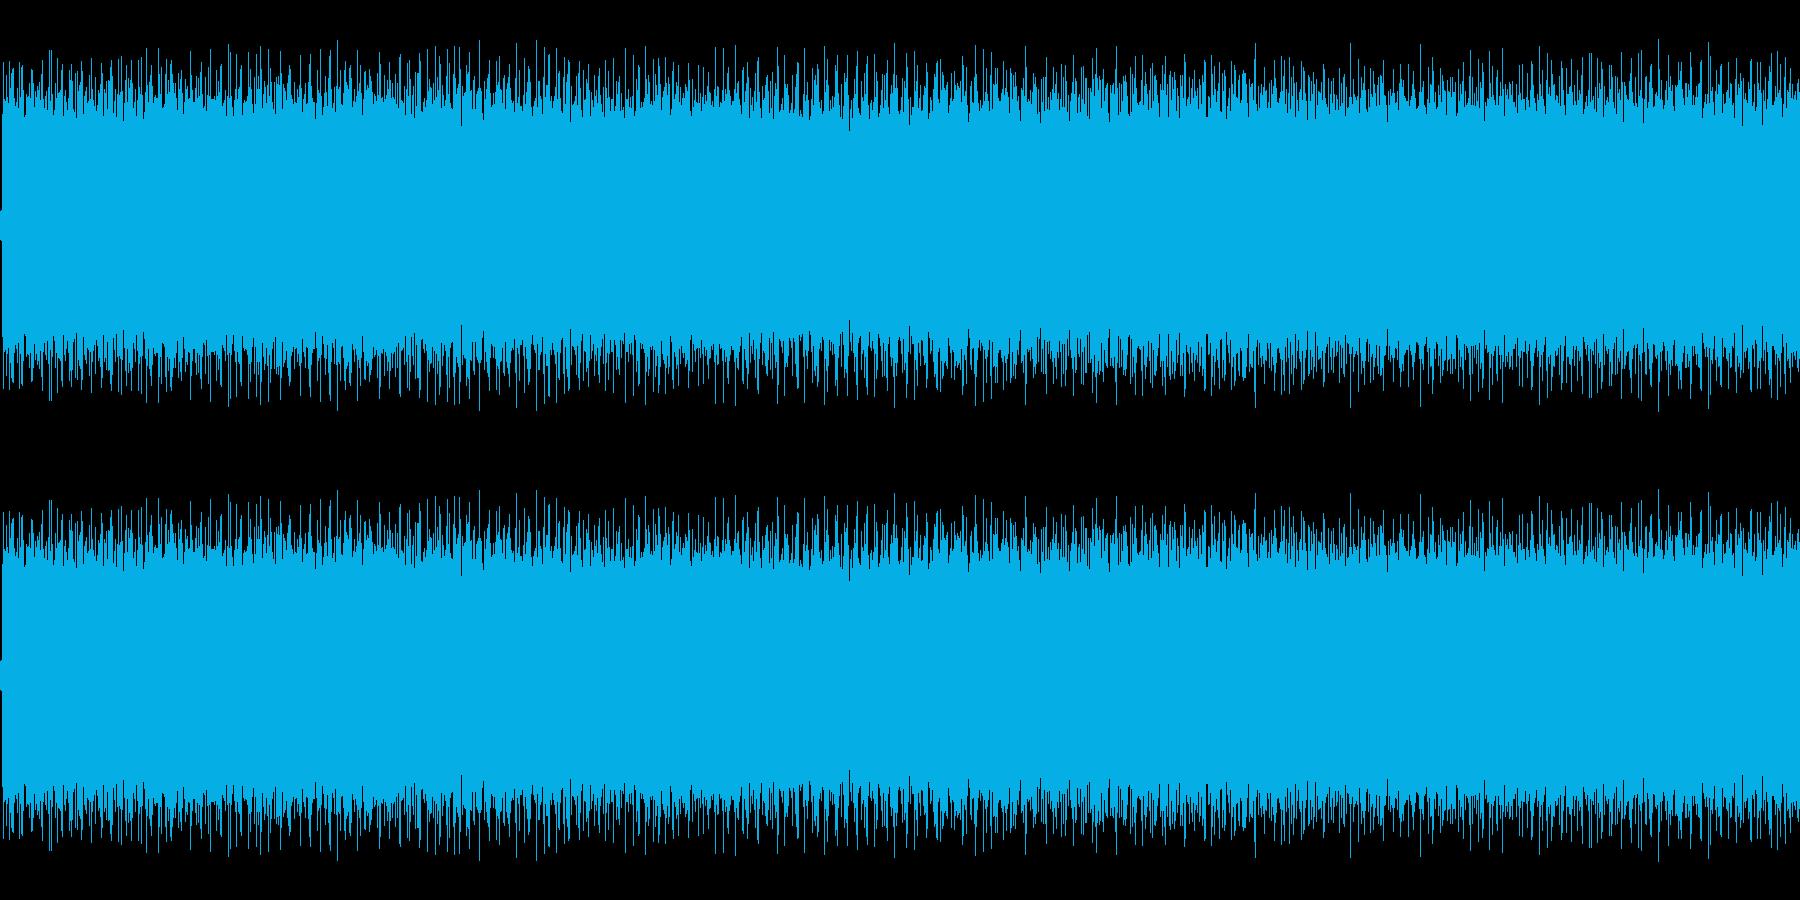 アメリカのパトカーのサイレン音の再生済みの波形